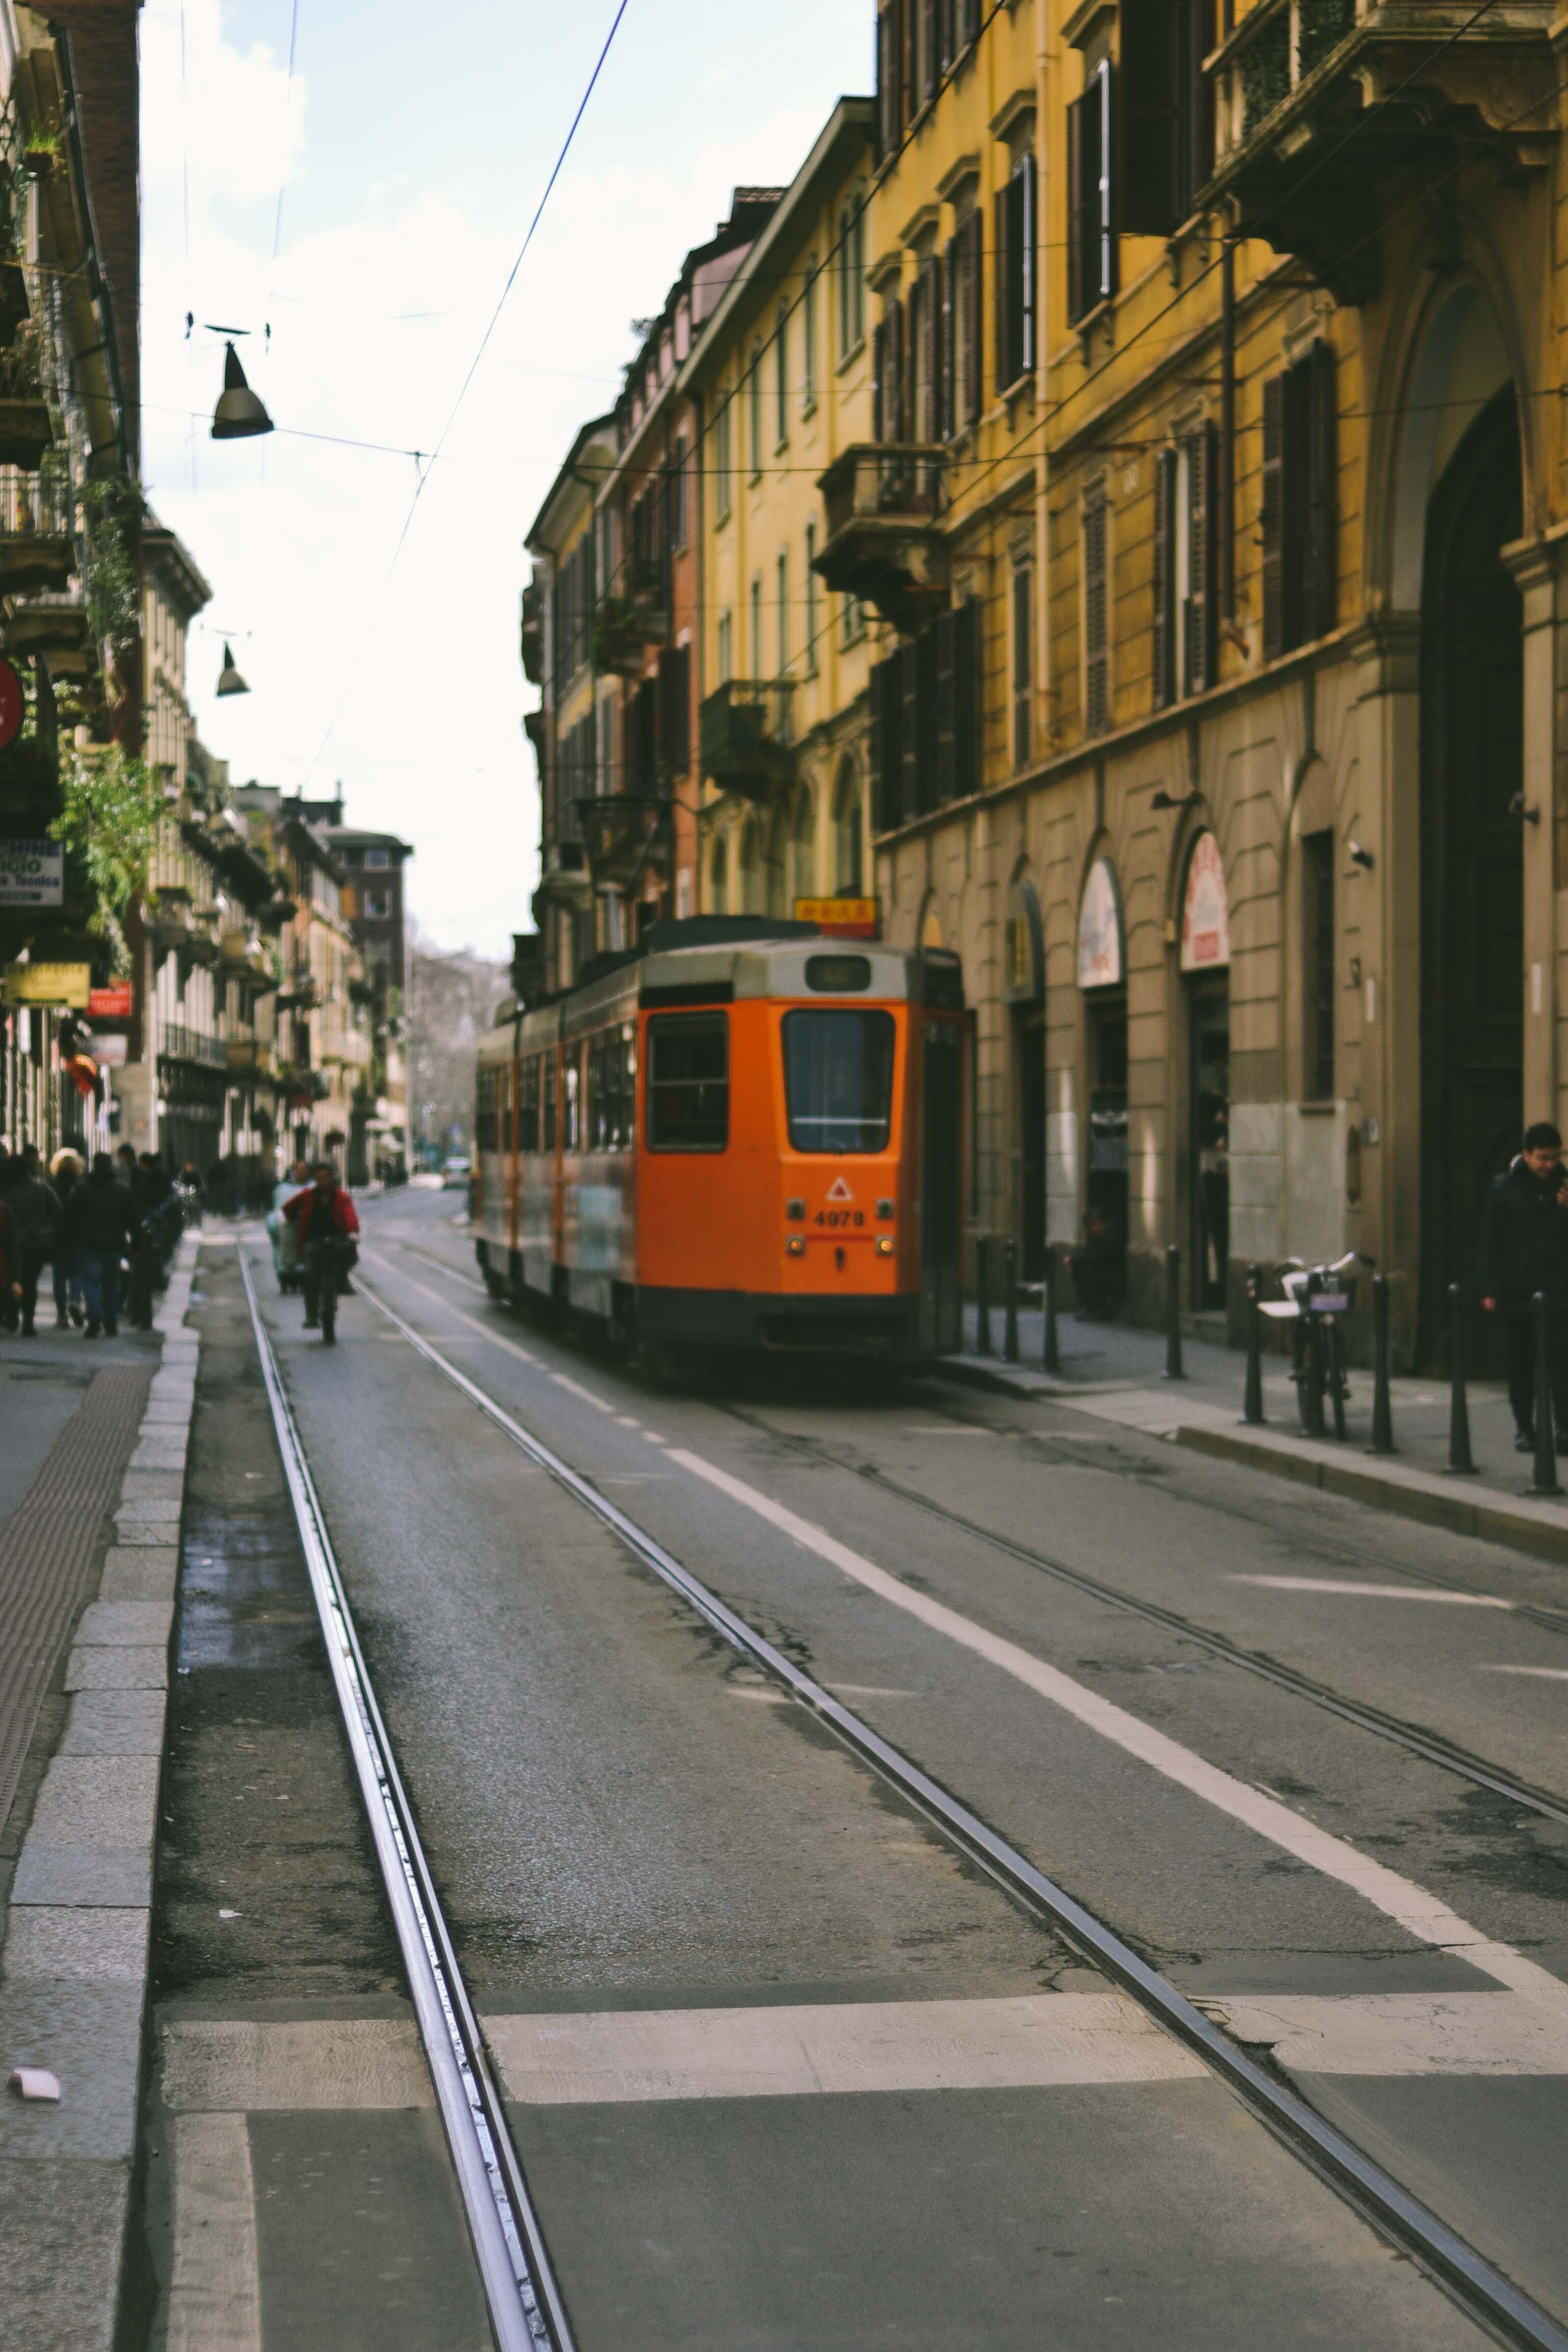 viagem-familia-italia-blog-milao-verona-pedido-casamento-trem-travel-25